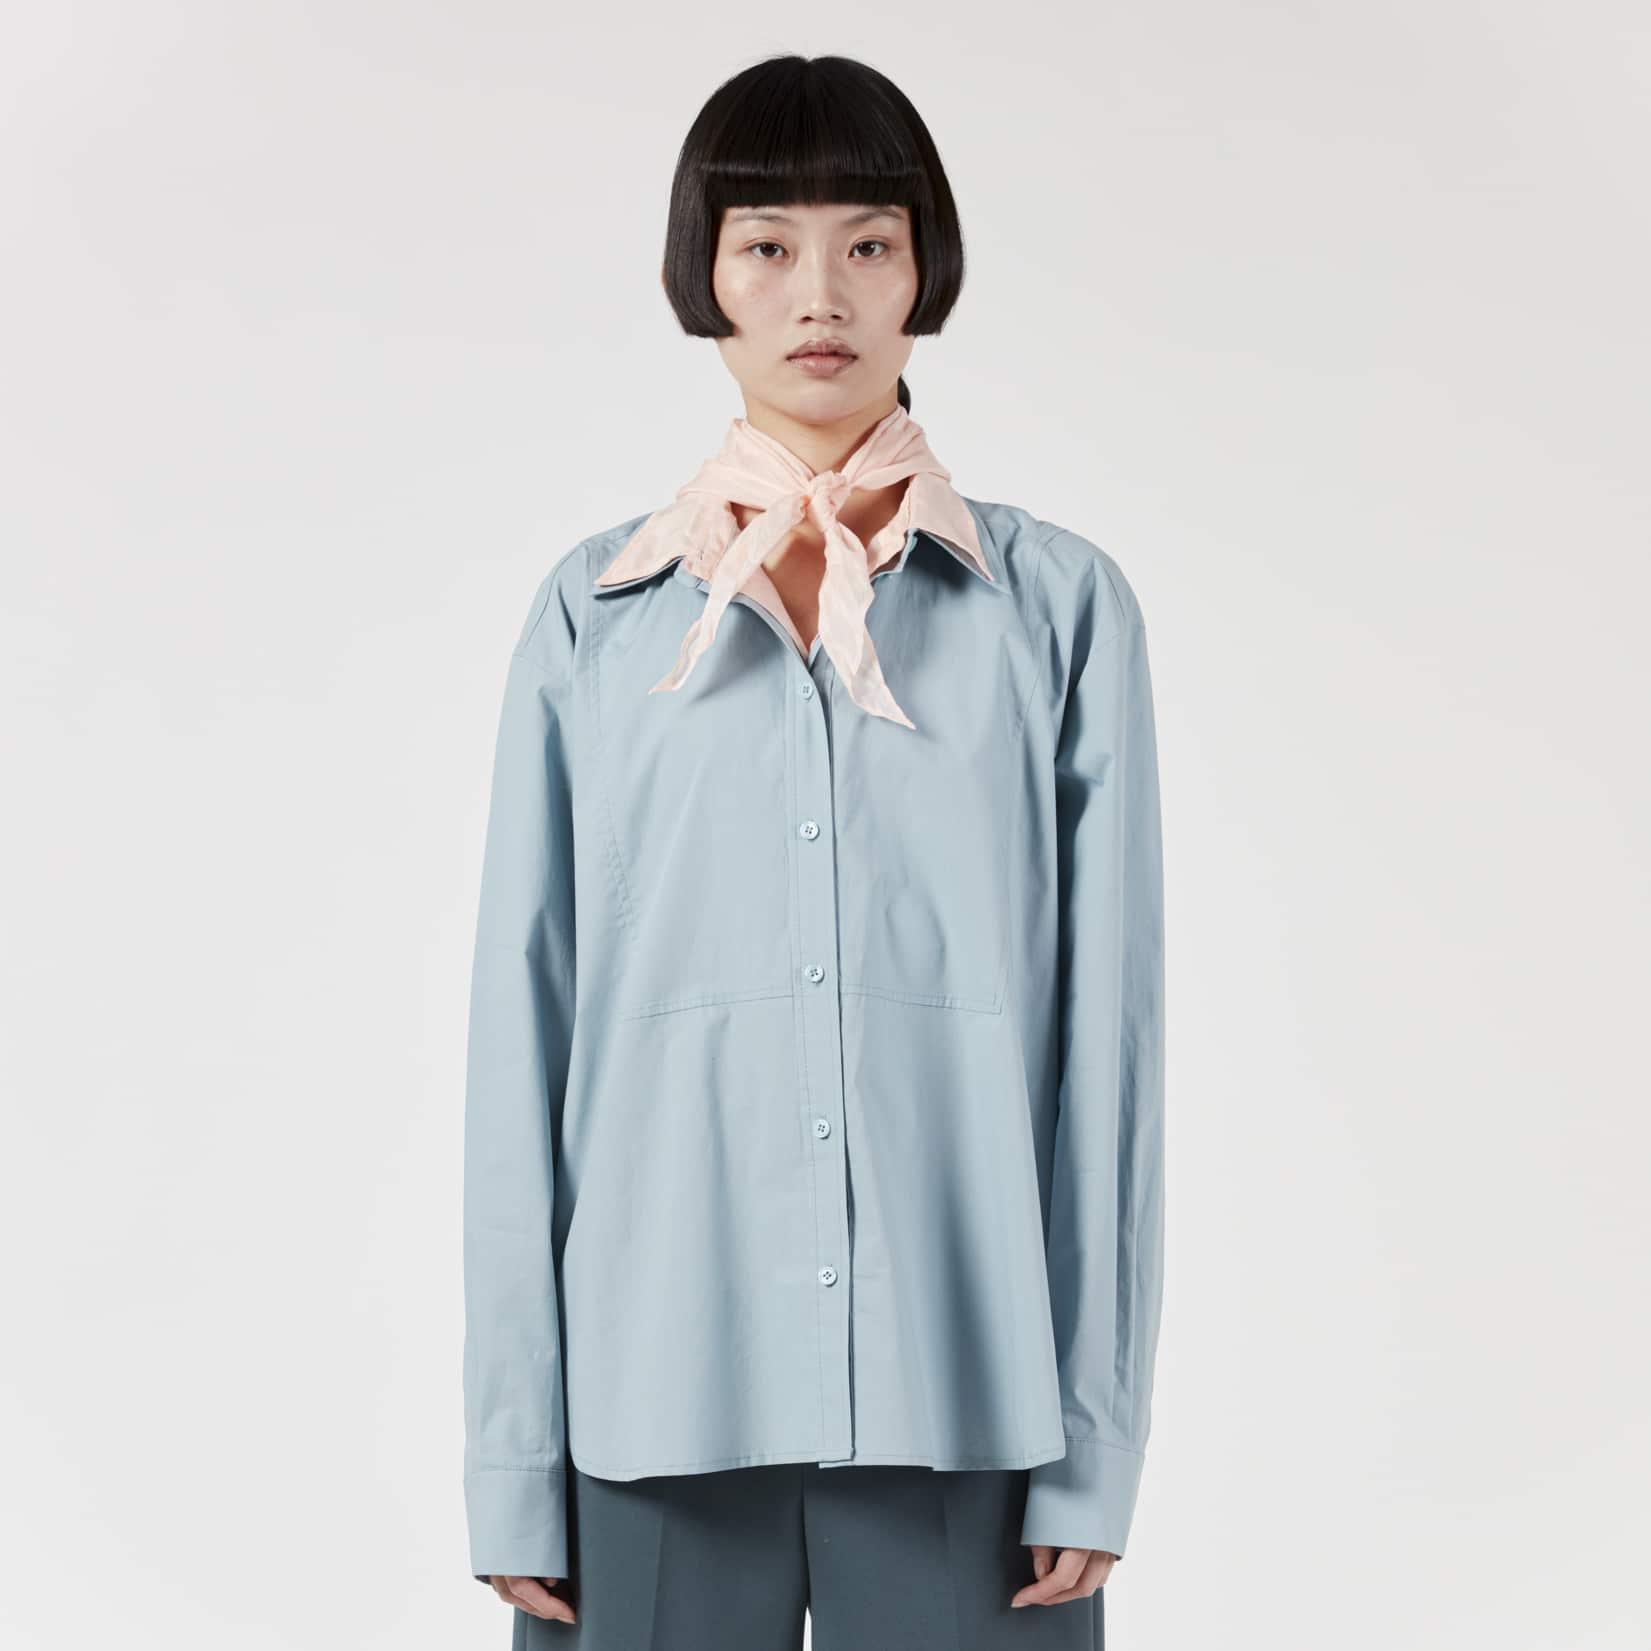 Pushbutton Layered Collar Shirt